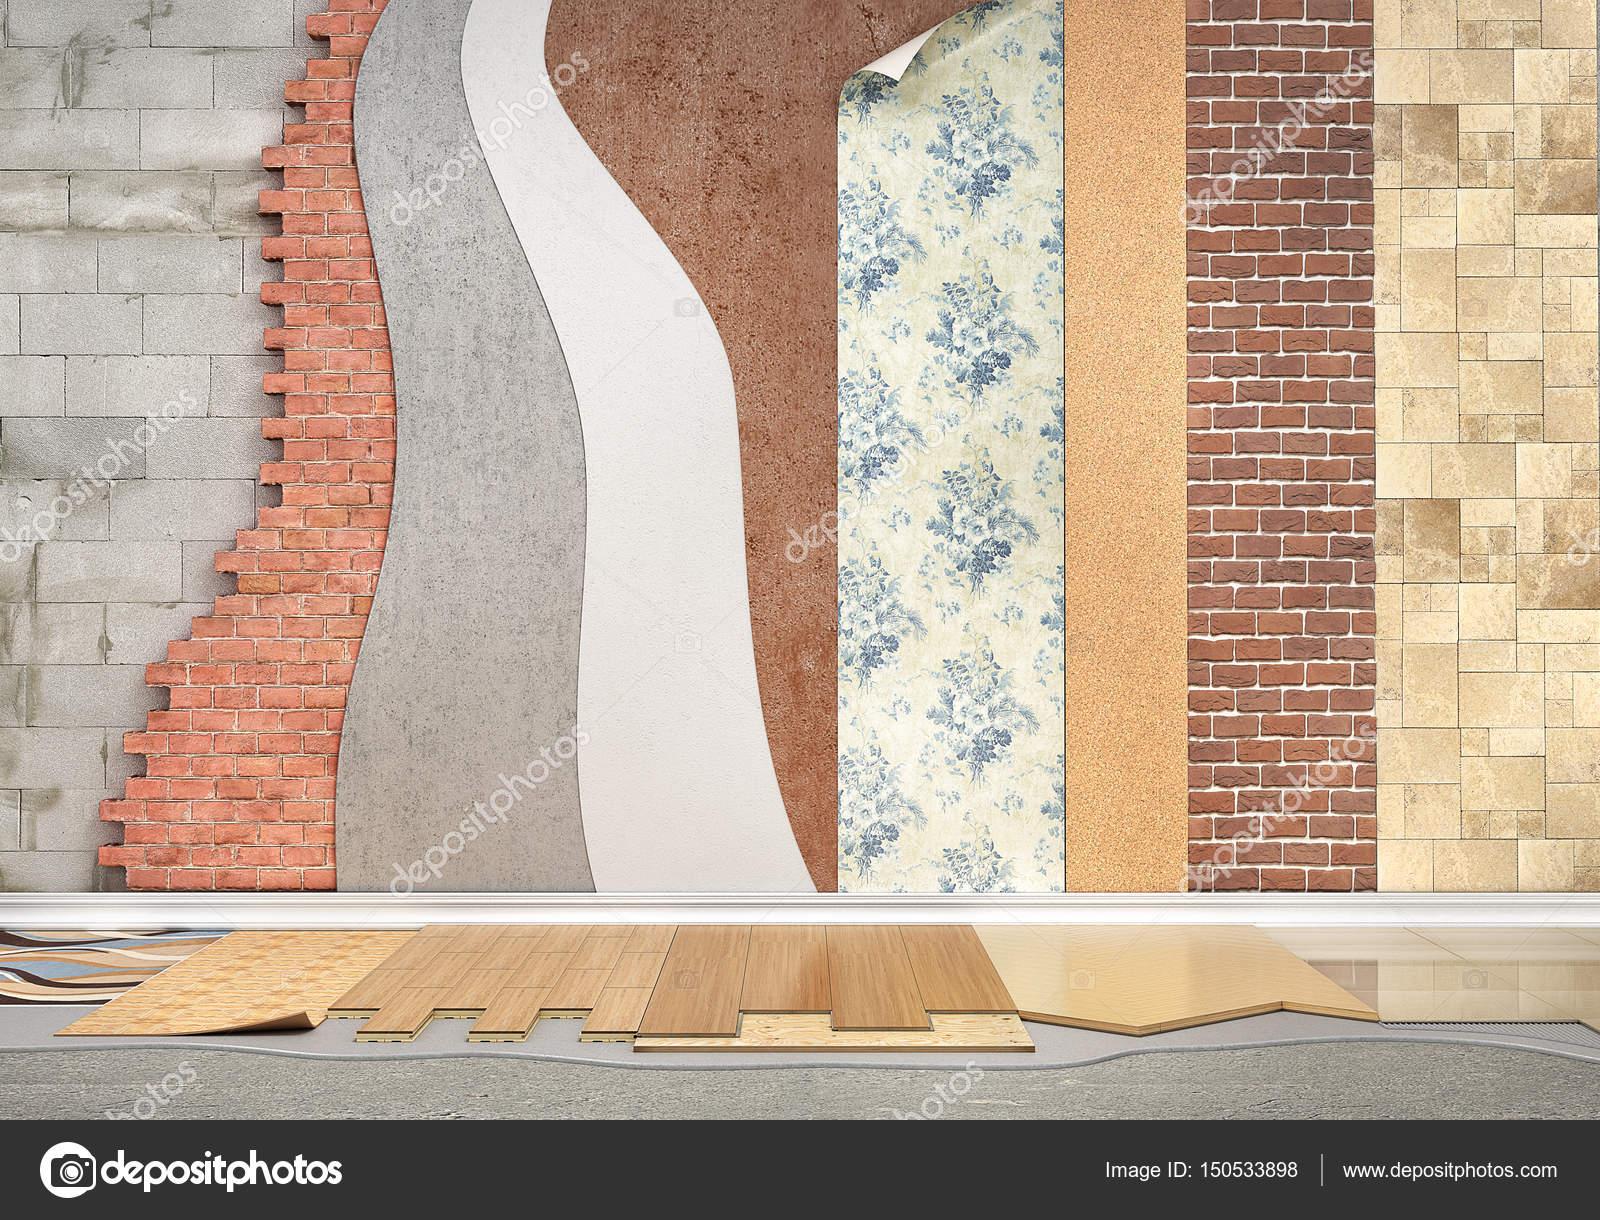 Arten Der Beschichtung. Bodenbelag Installation. Festlegen Der Stücke Von  Verschiedenen Bodenbeschichtung. Parkett, Laminat, Holzbrett, Fliesen,  Beton.